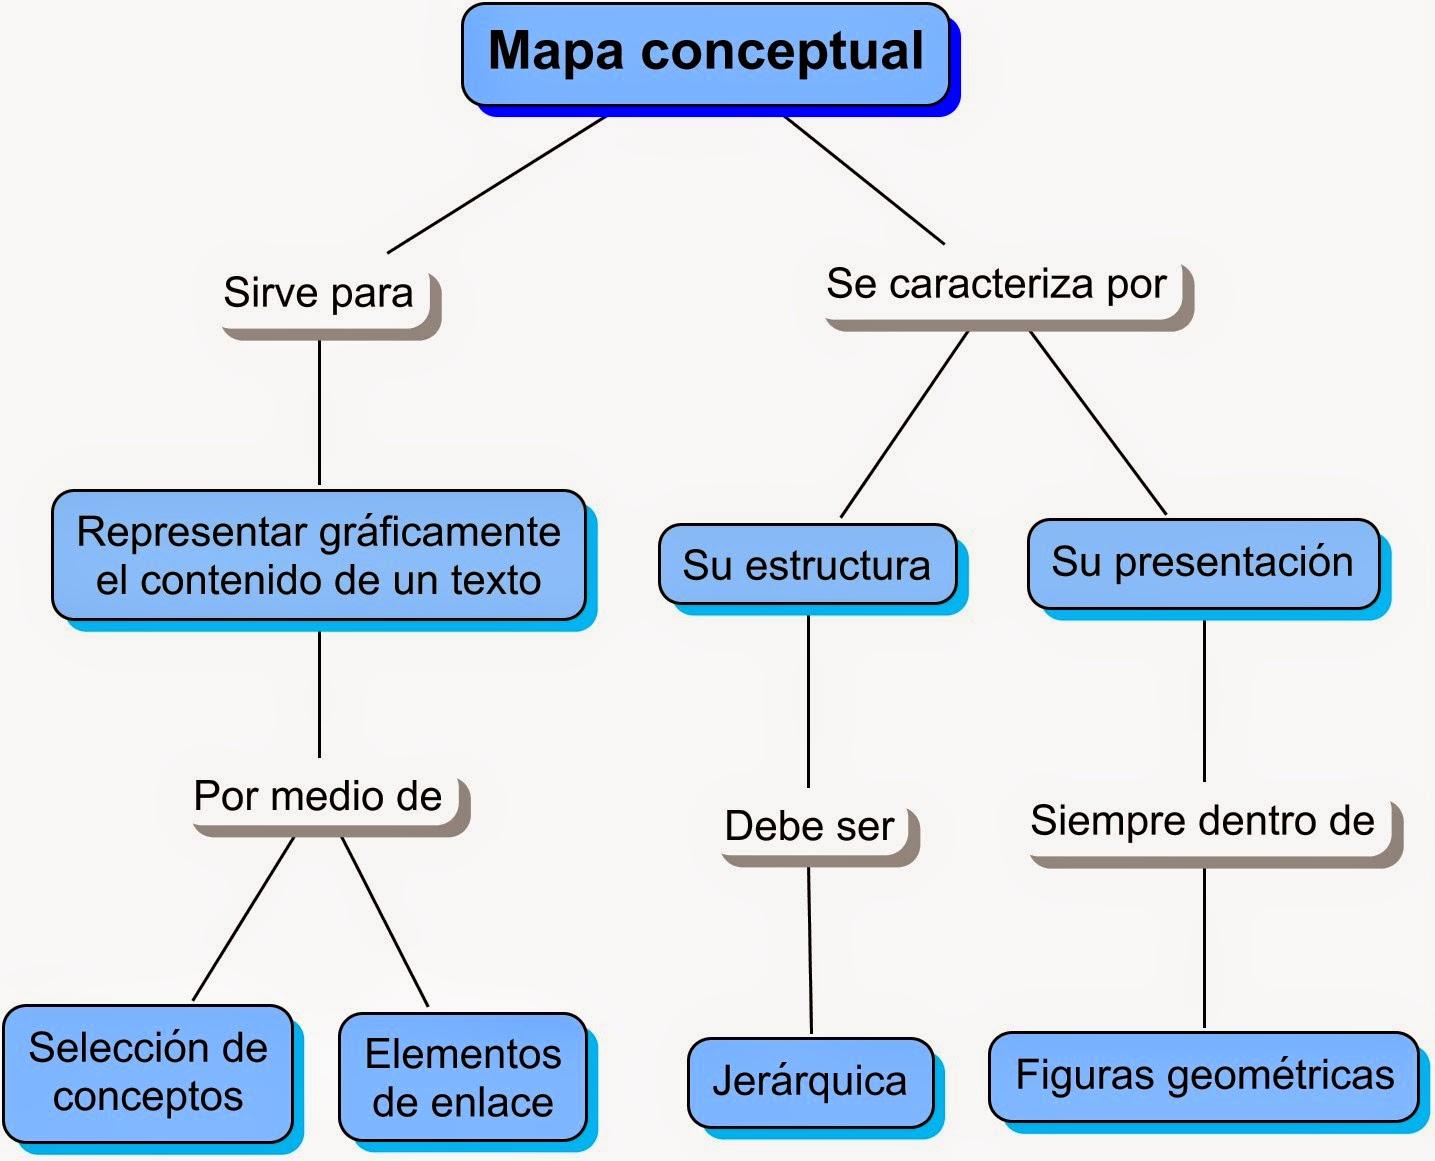 Generación Opus Nova: Ingeniería de Sistemas. Actividad 2. Mapa conceptual (Taxonomía de Sistemas)